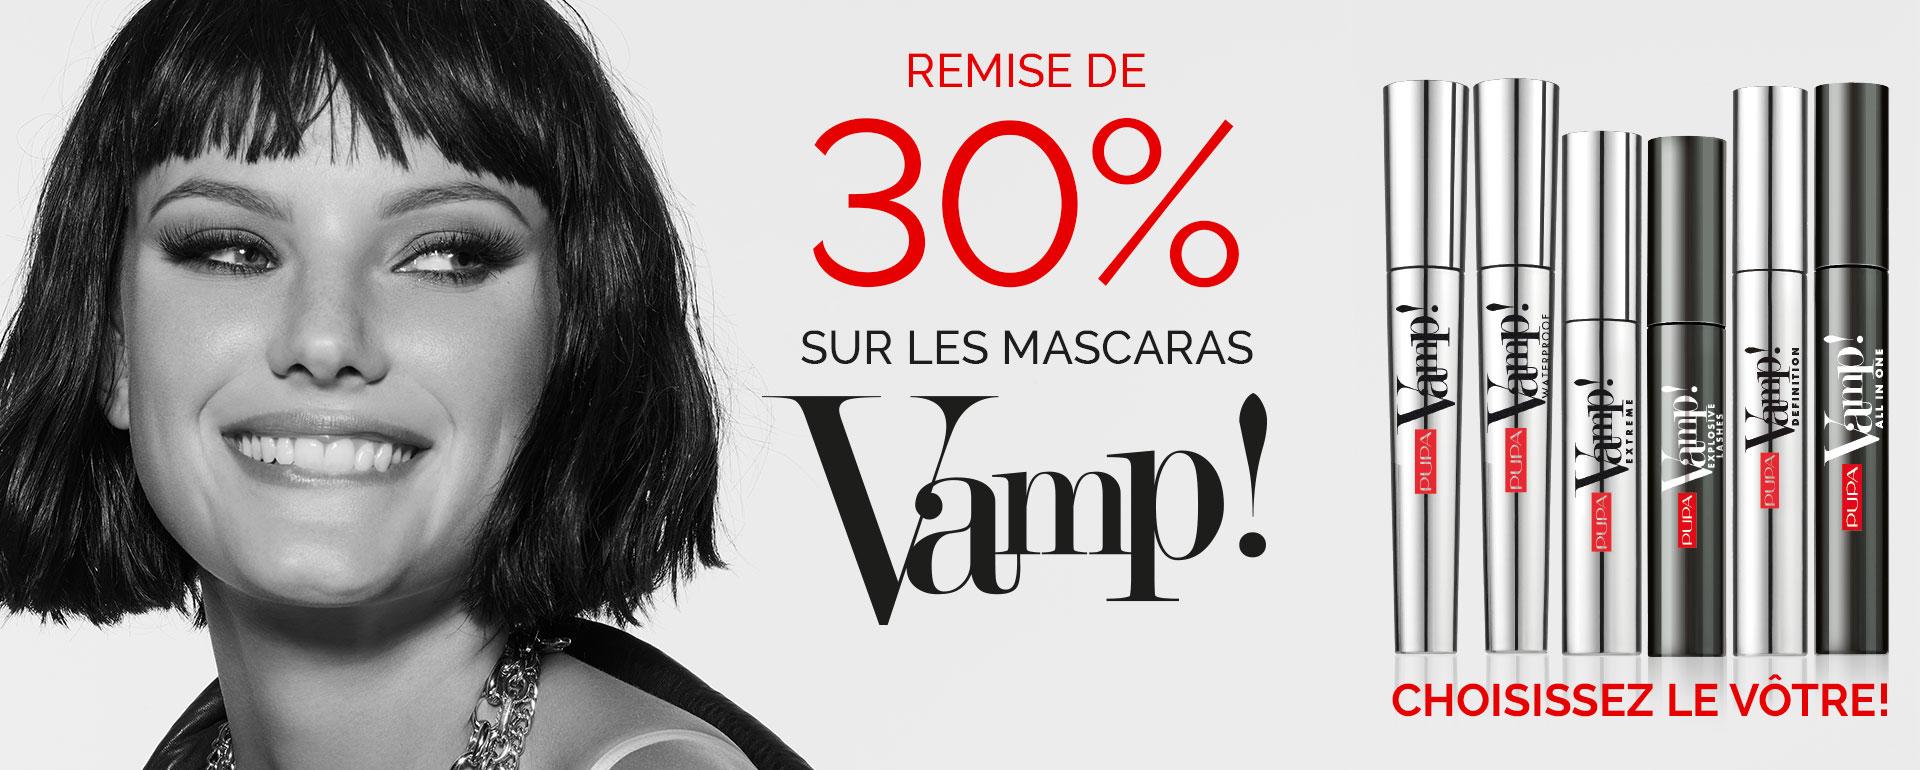 Mascara Vamp! - PUPA Milano